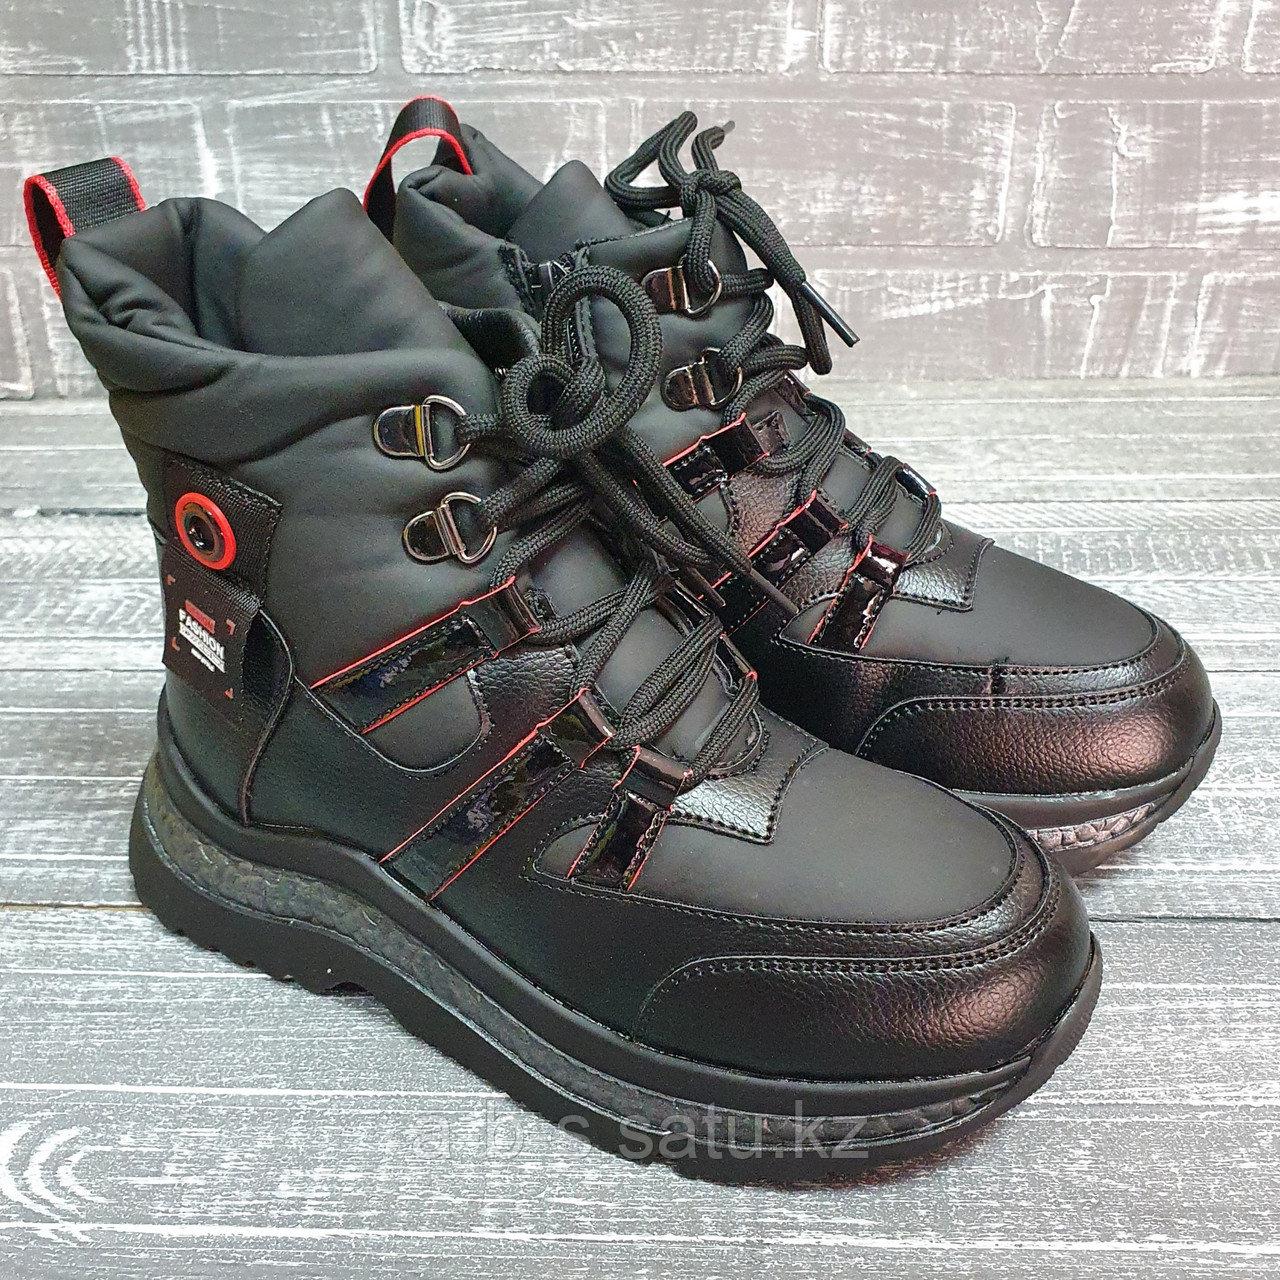 Ботинки ( дев. графит) с красными элементами